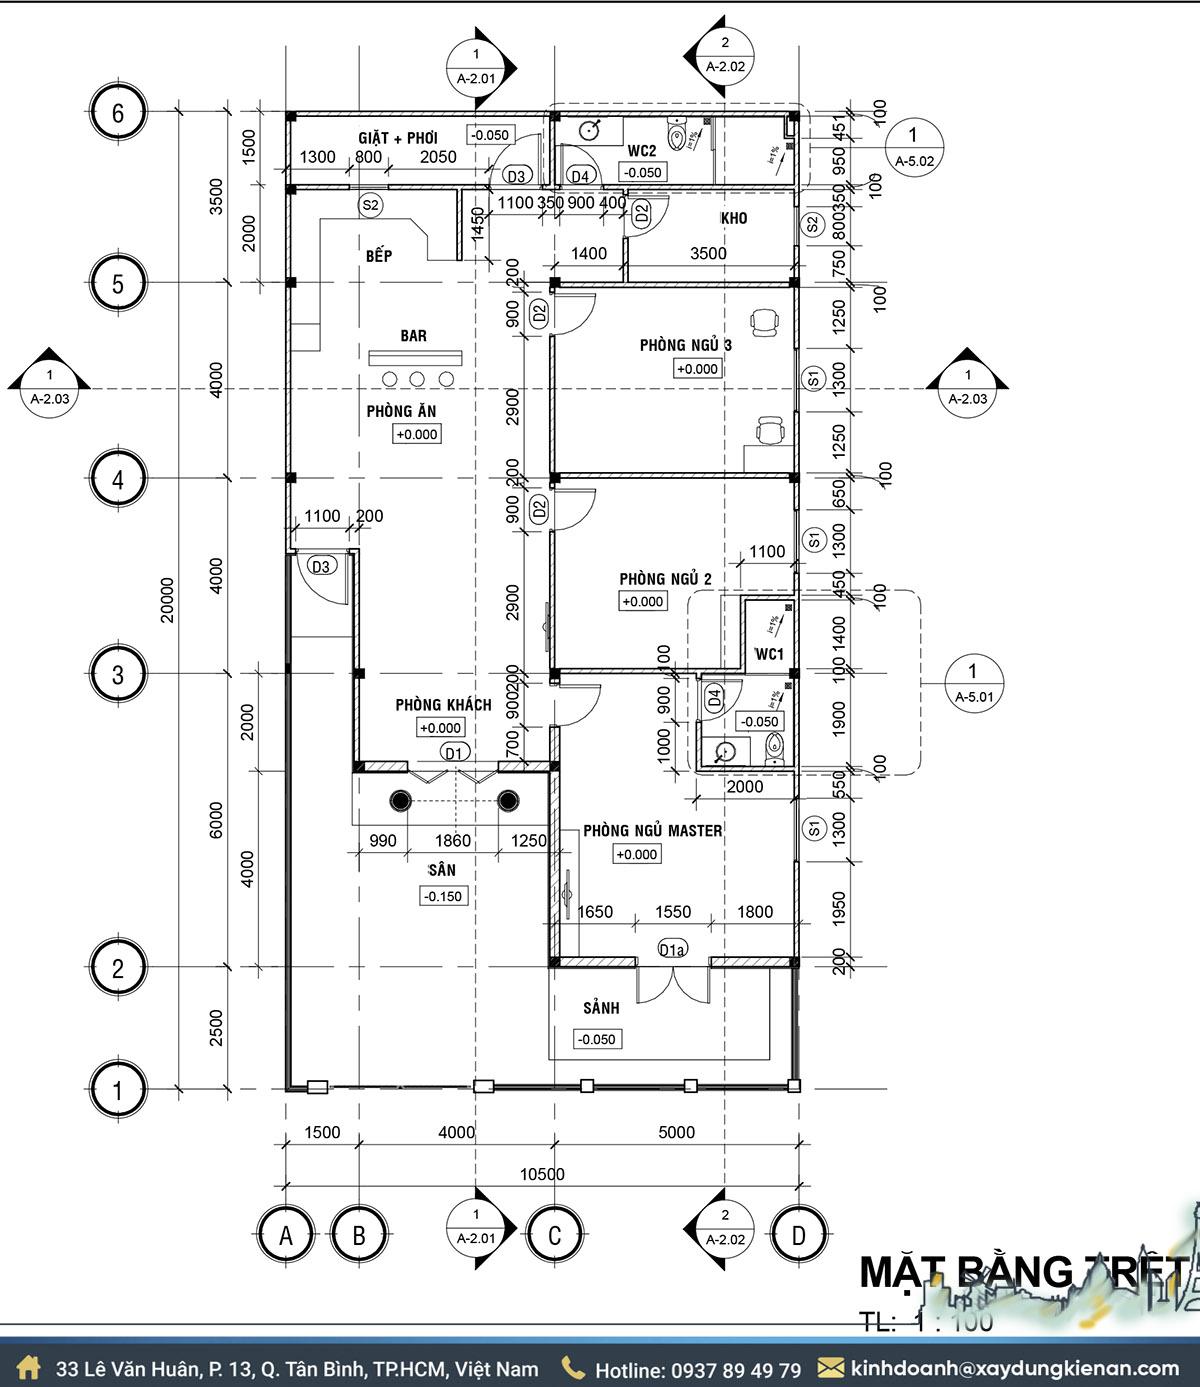 Bản vẽ mẫu thiết kế nhà cấp 4 mái thái